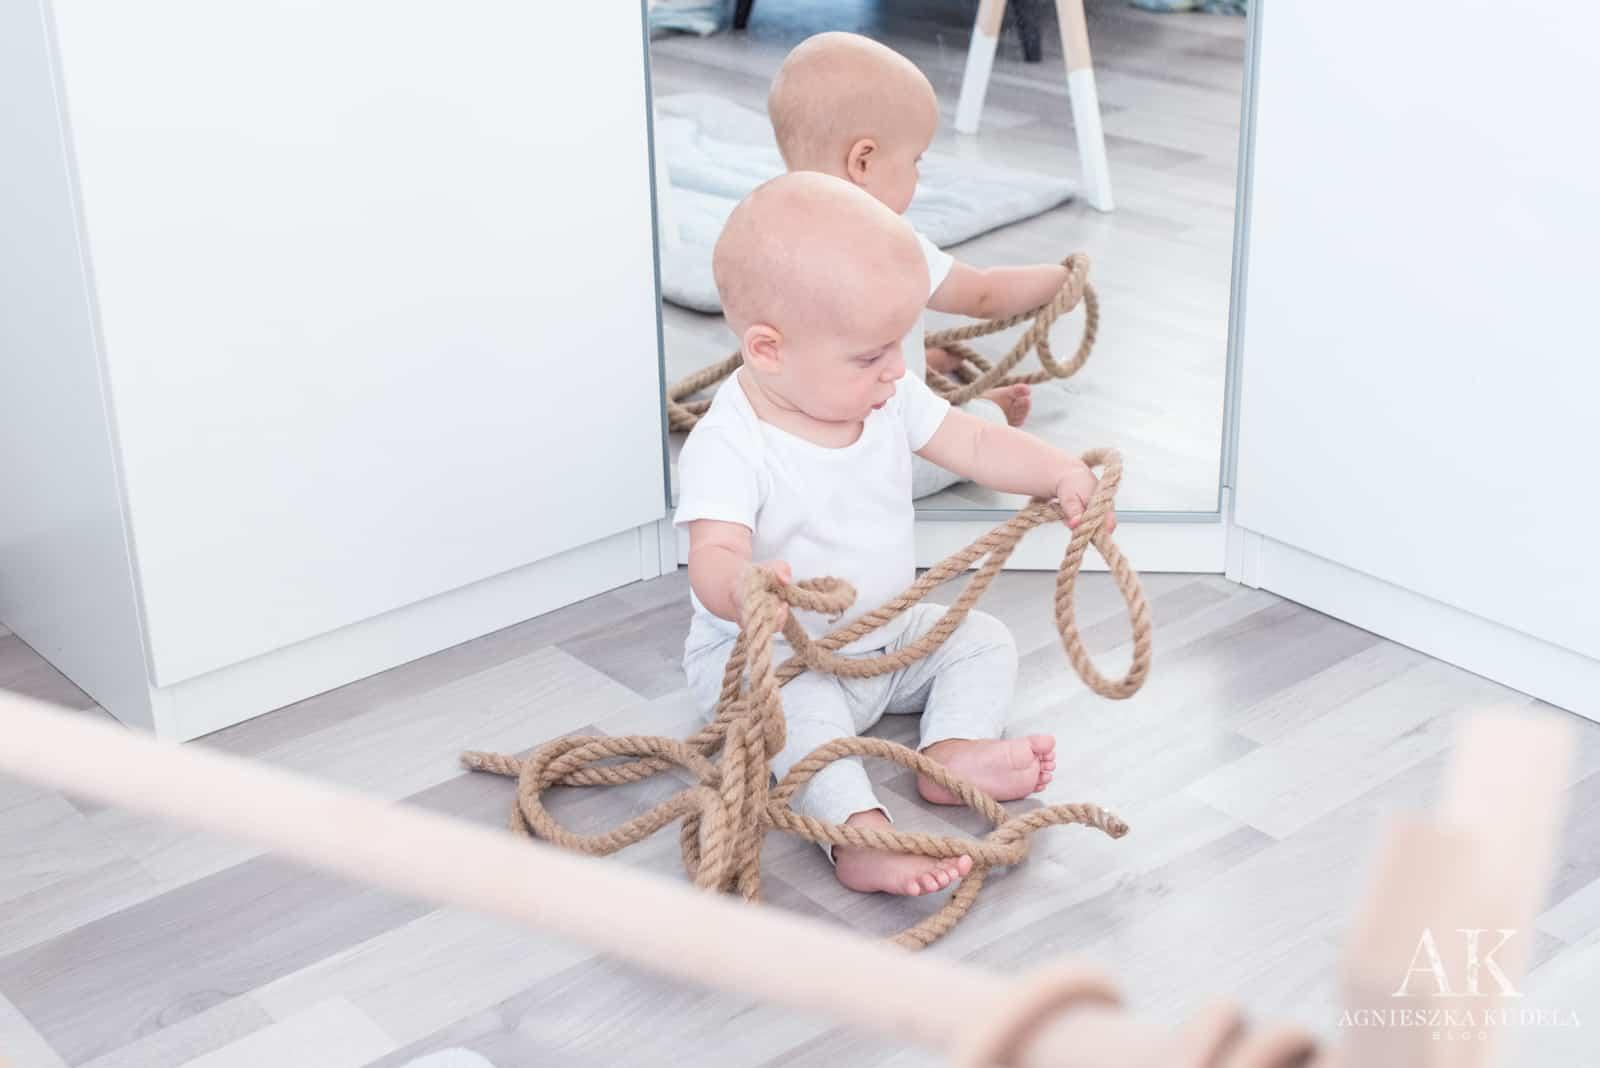 pomysłowe zabawki dla niemowlaka